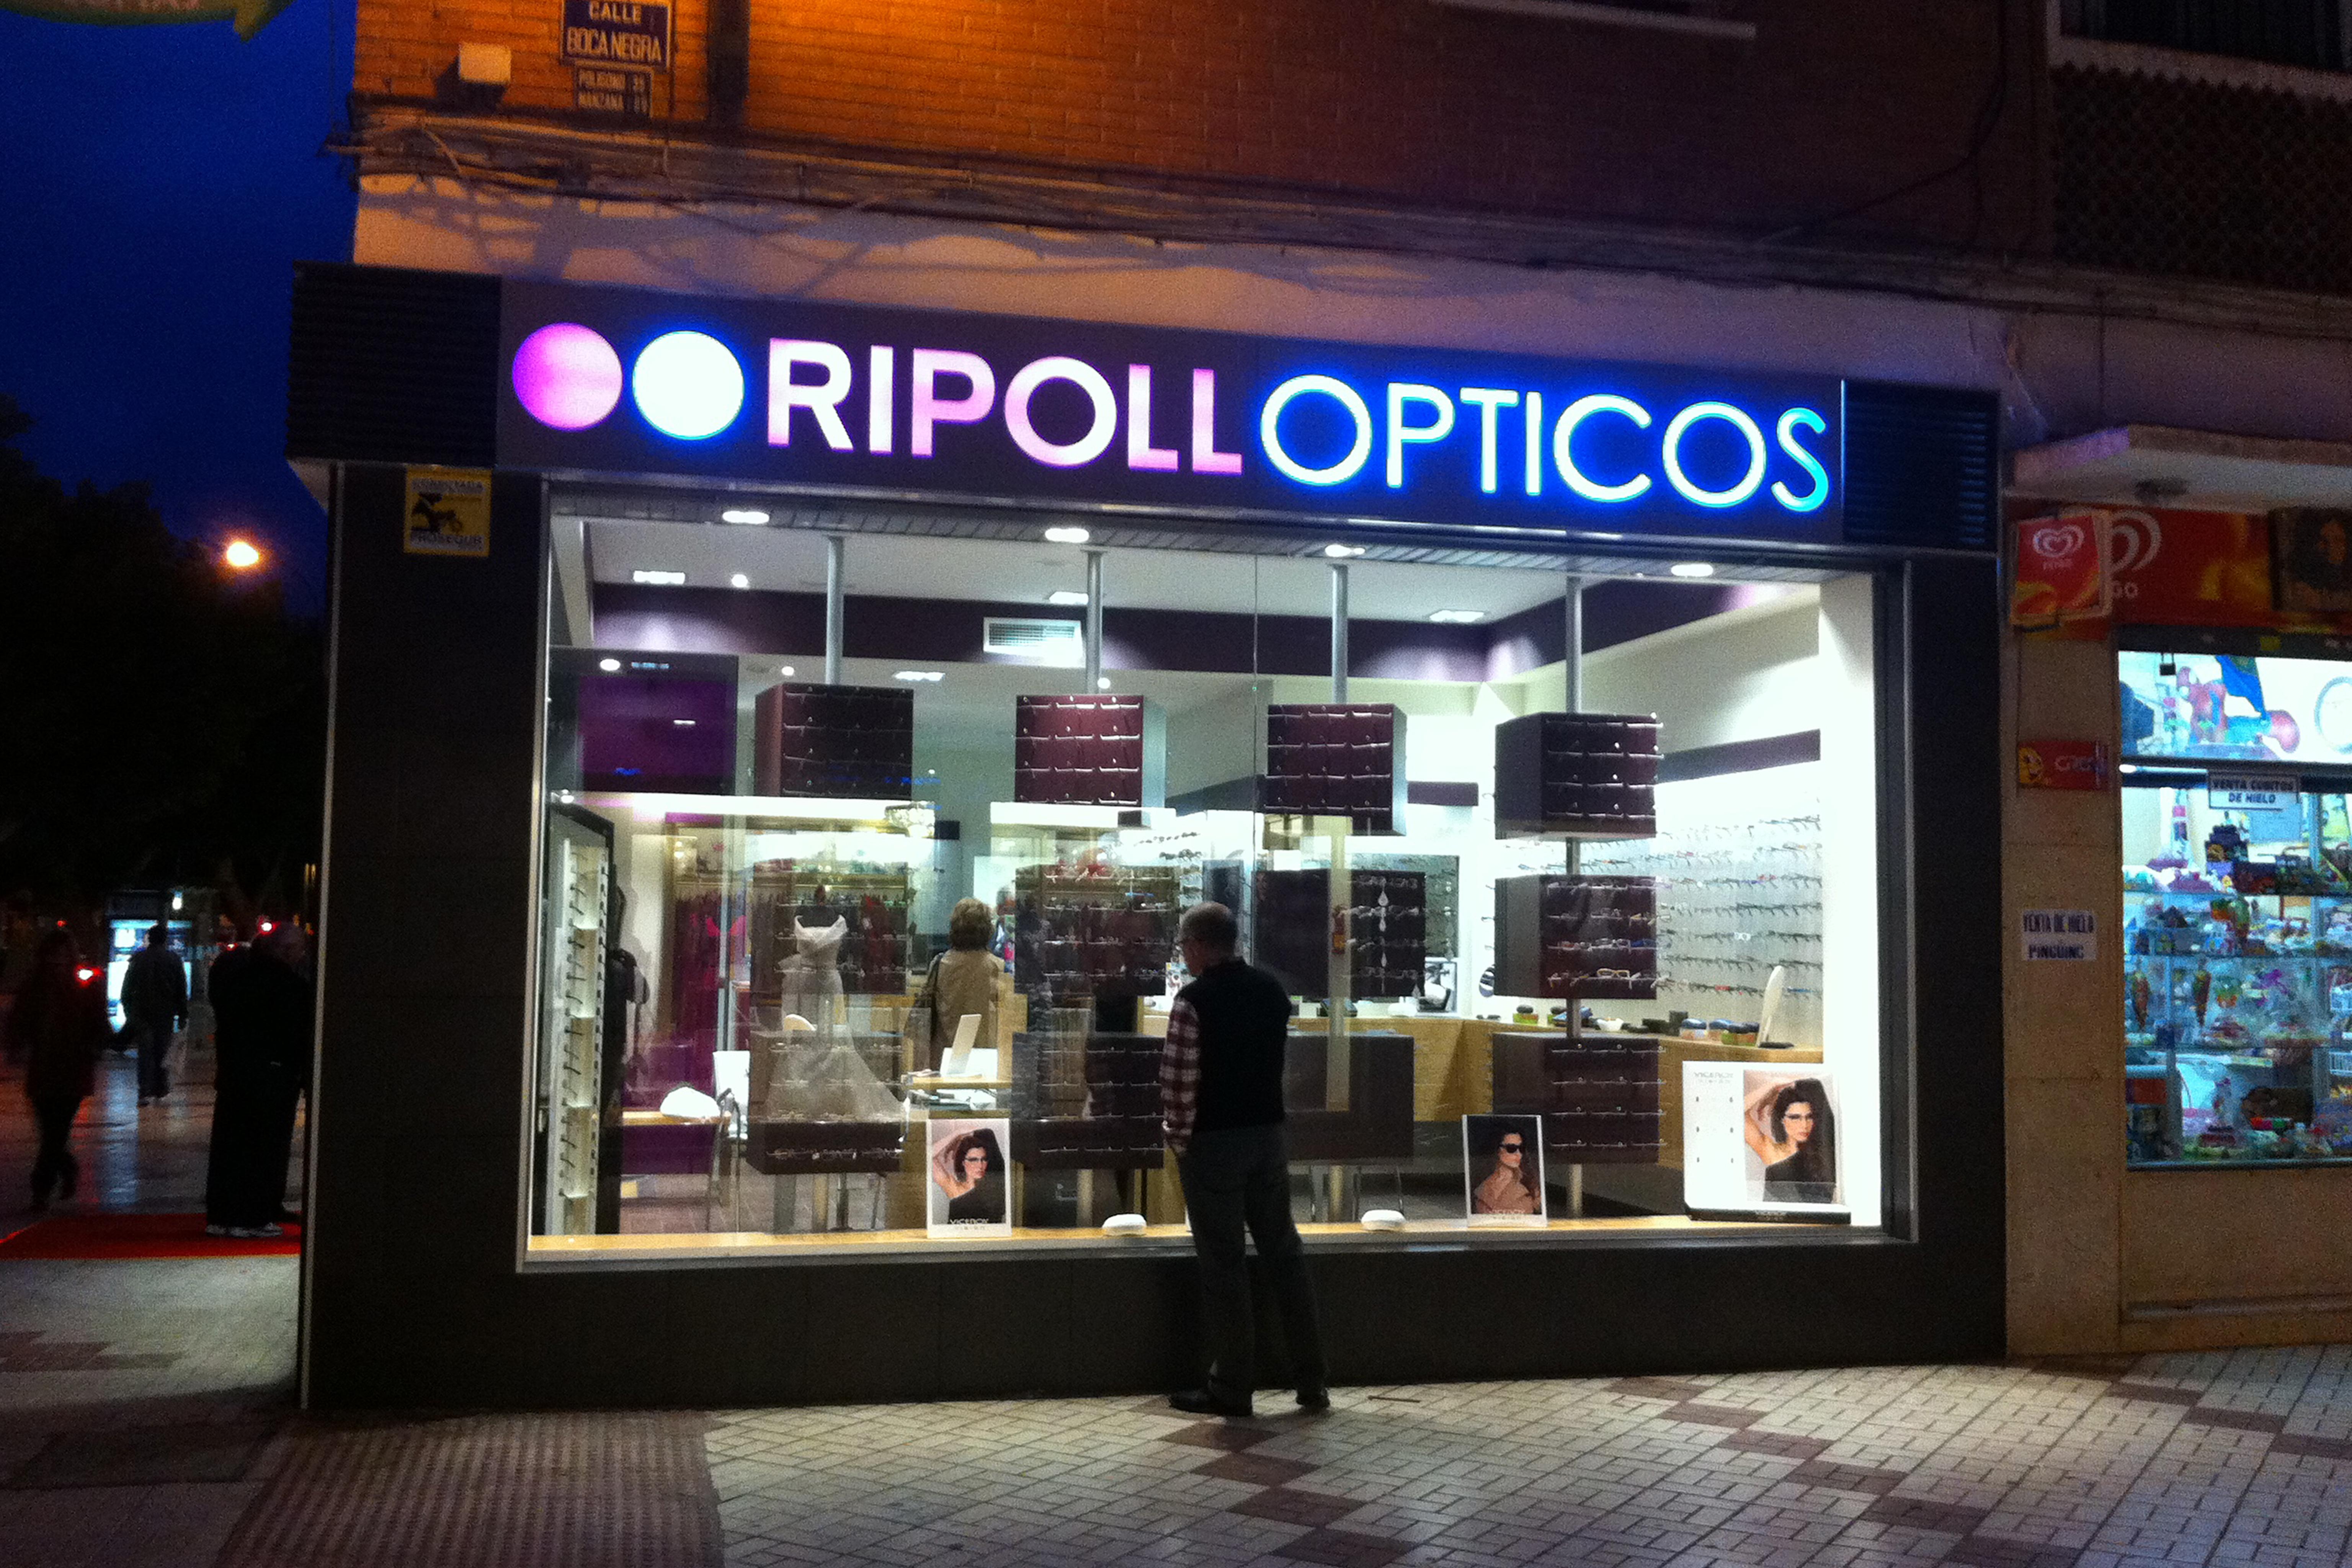 RIPOLL ÓPTICOS